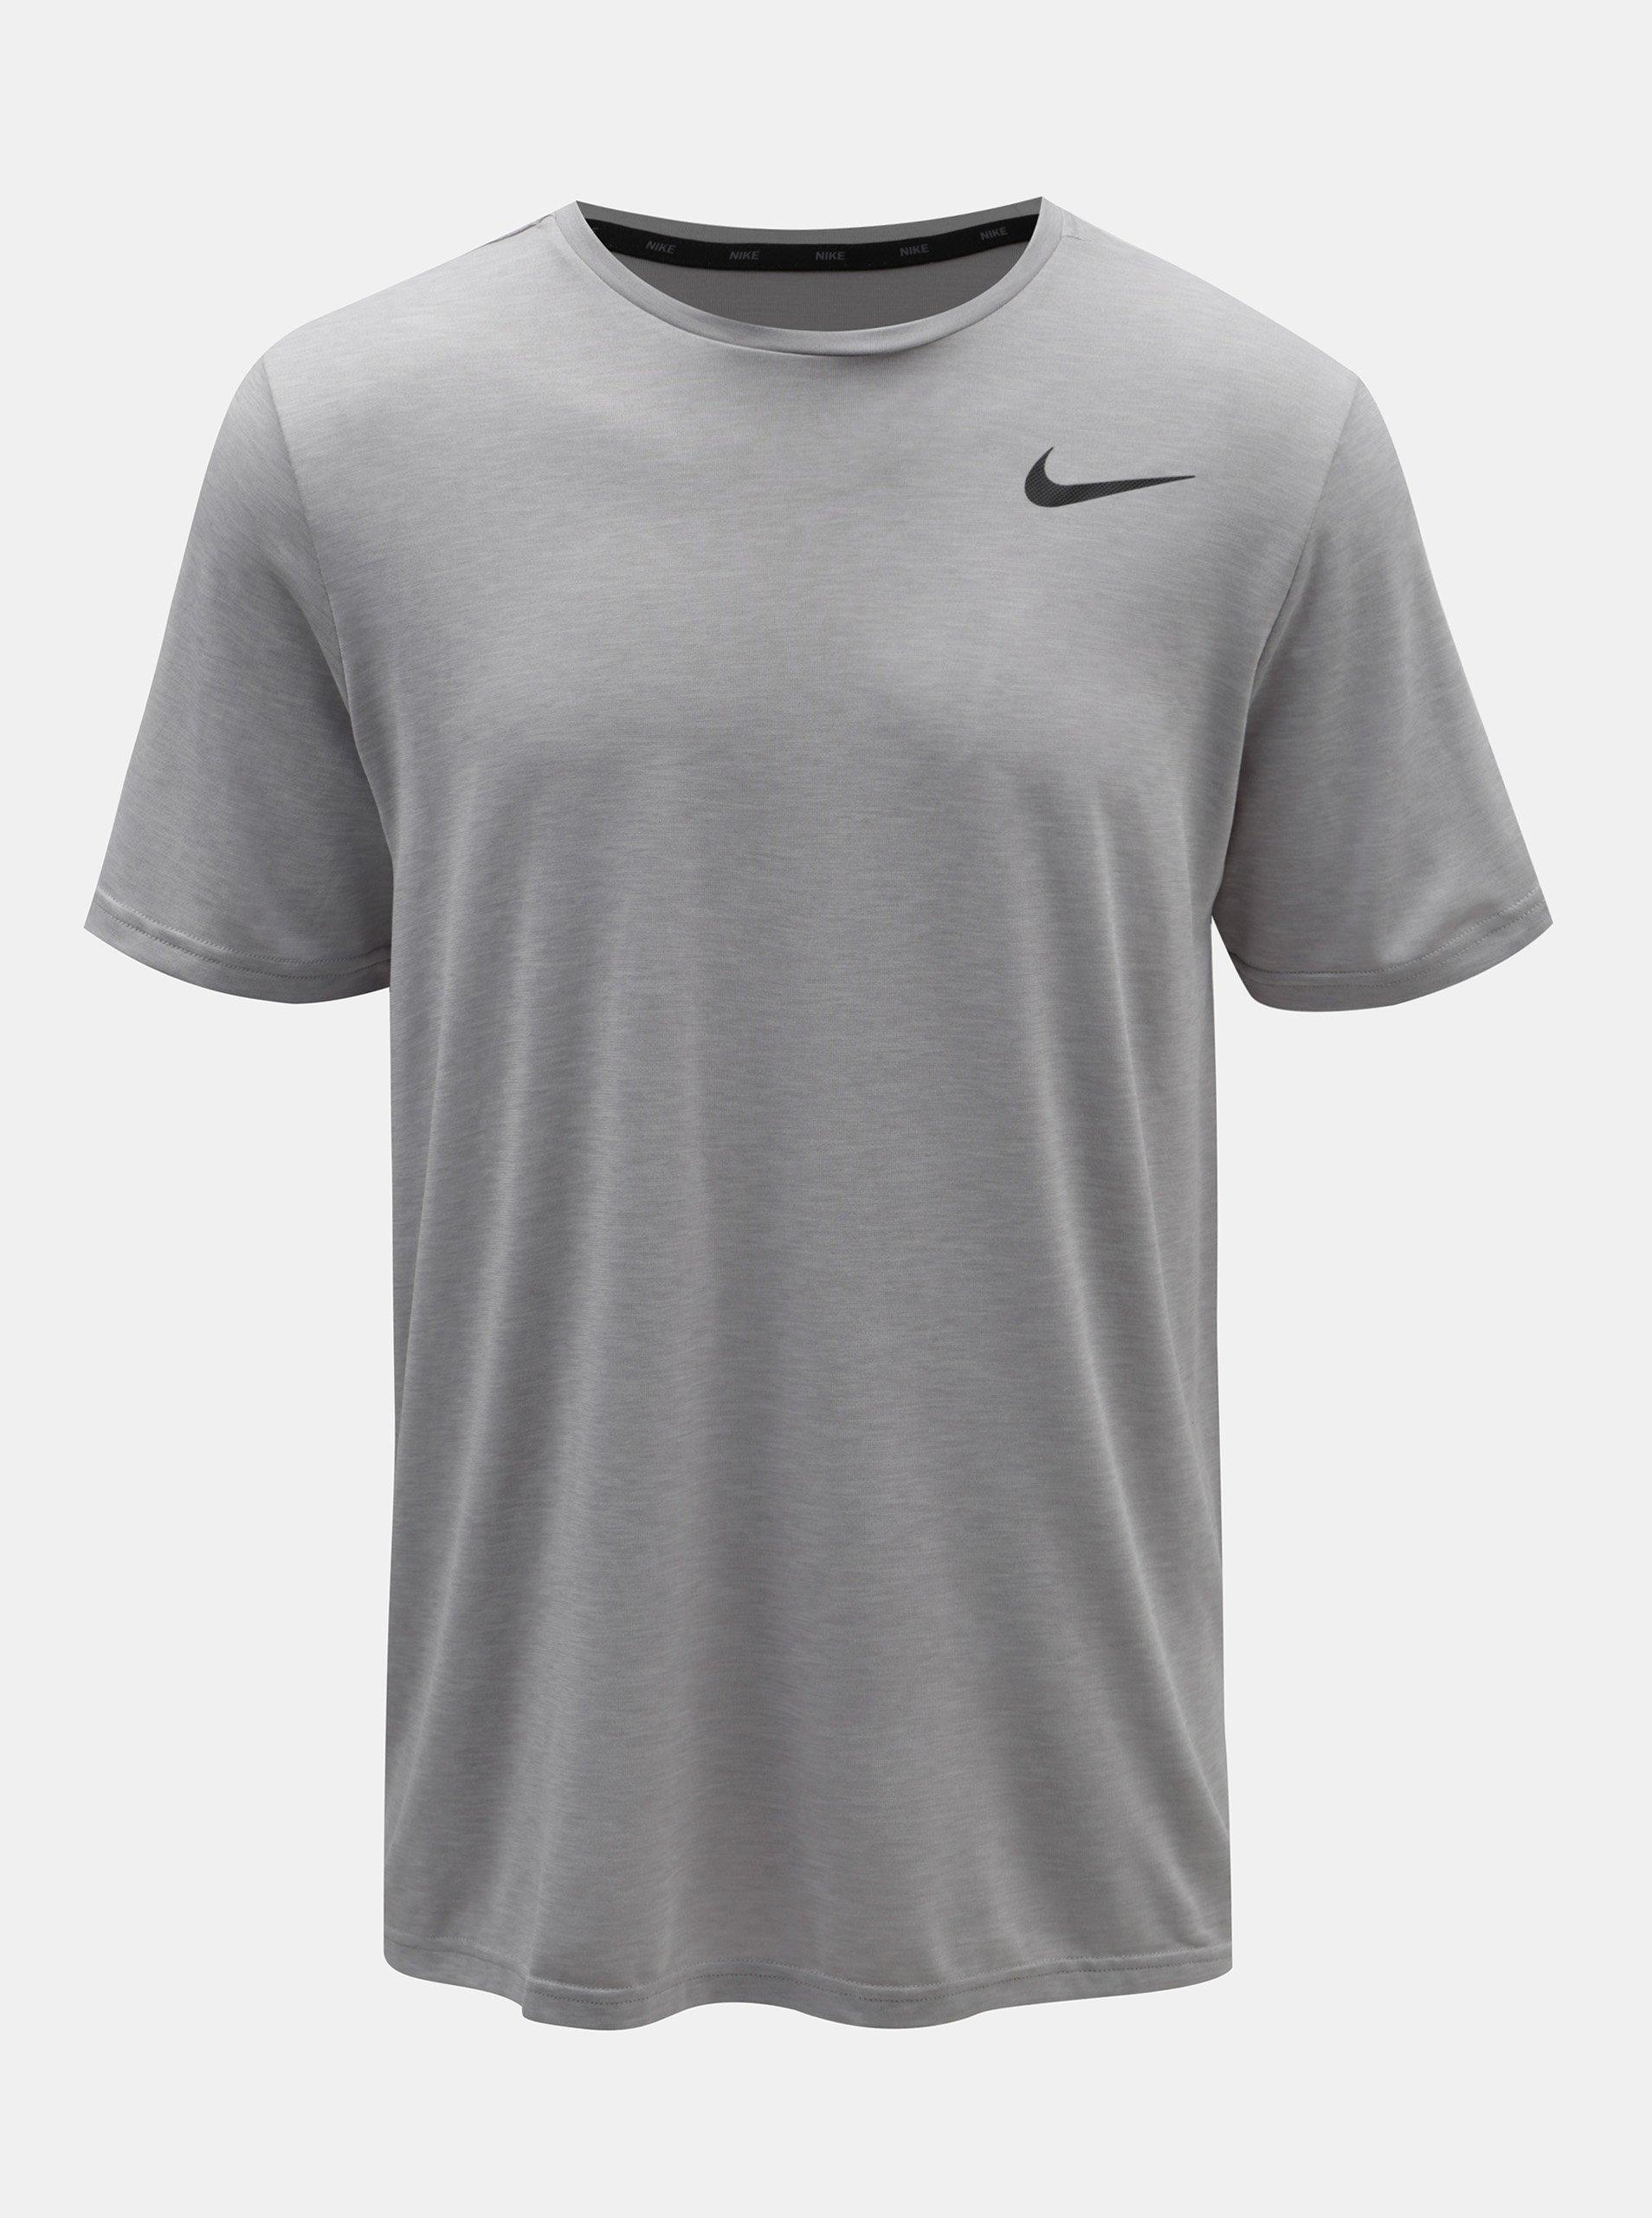 2a1ab480fe6e Šedé pánské žíhané tričko Nike